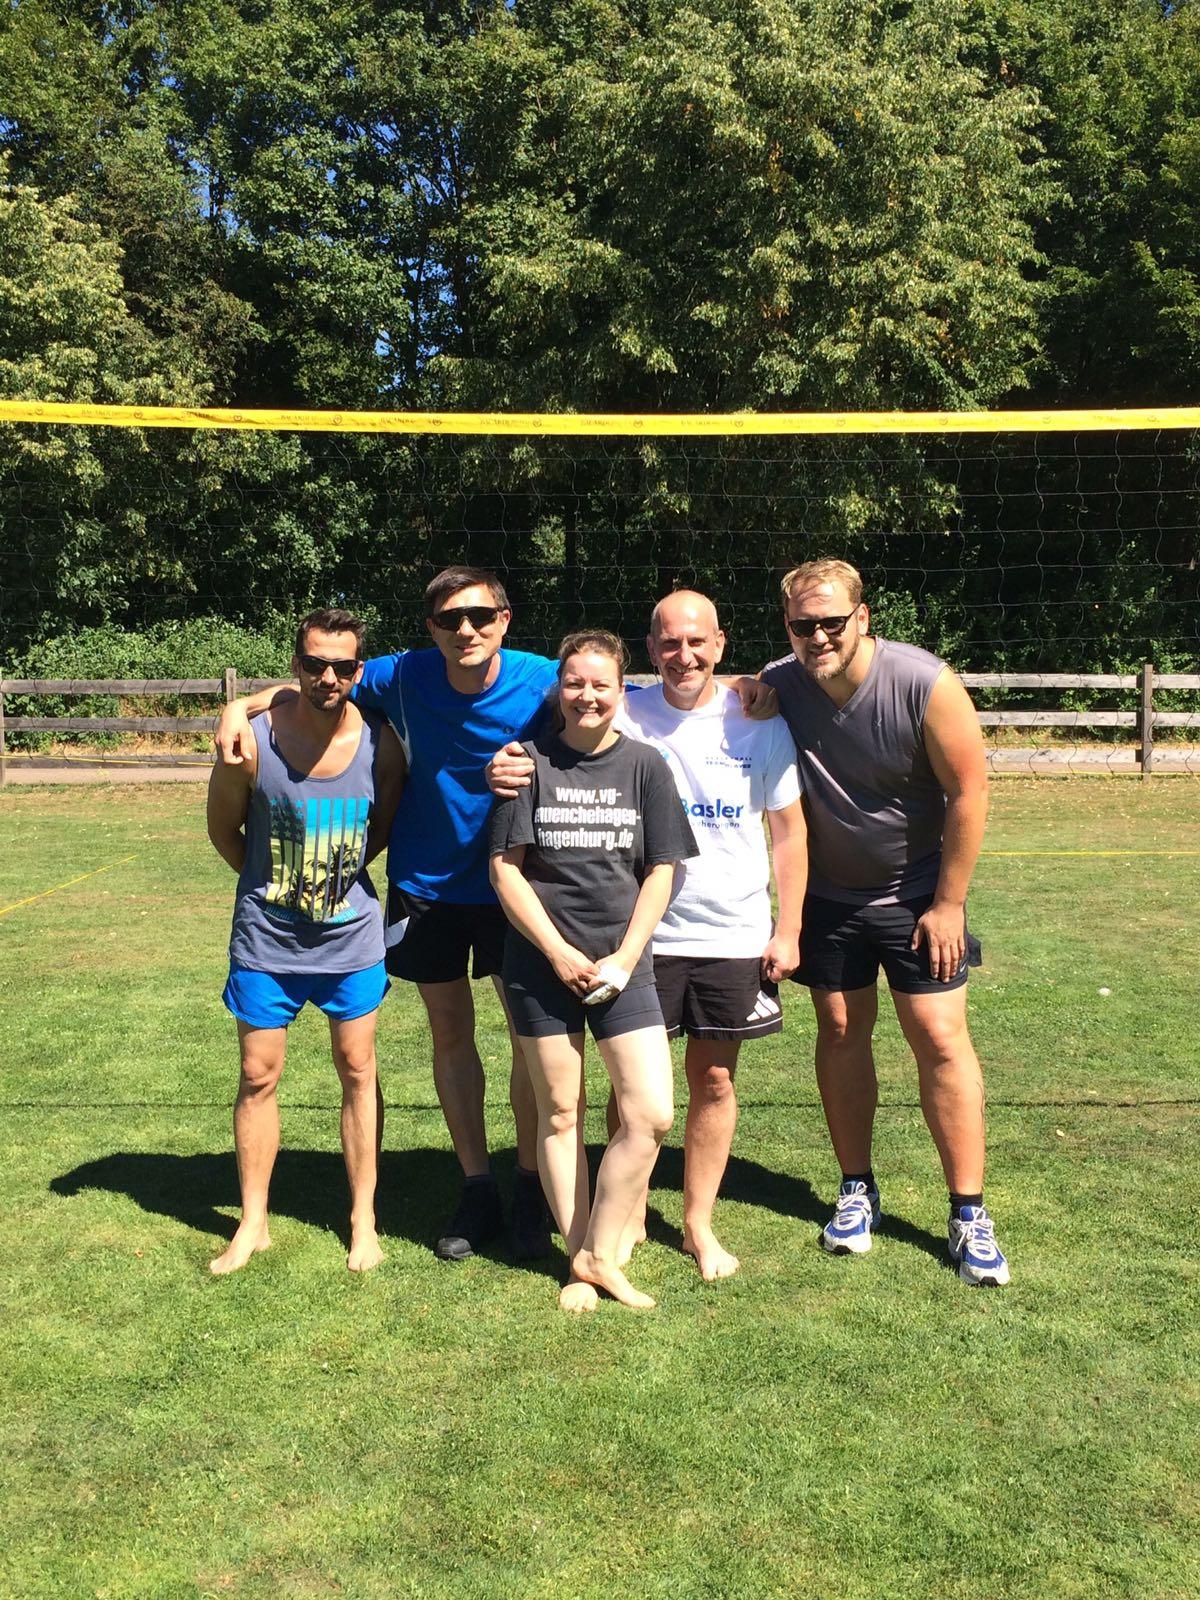 """Unter dem Motto """"Baggern für die Batze"""" holte die Mannschaft des Fördervereins am 30. Juni 2018 den Pokal des Beachvolleyballturniers der Rotarier ins Waldbad. Danke für Euren Einsatz!"""